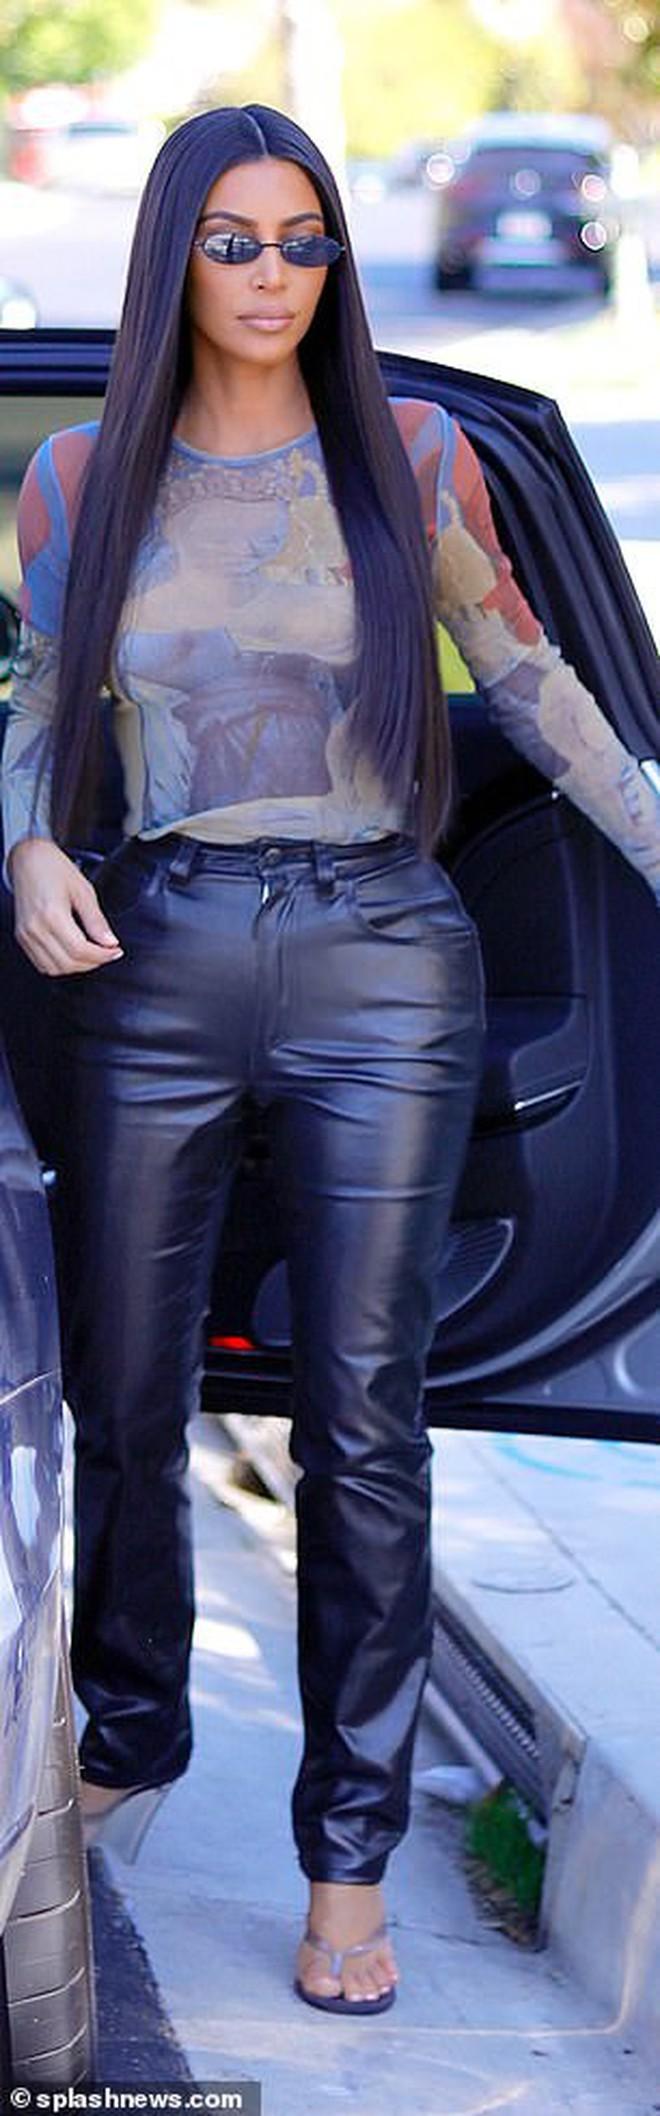 Vòng 3 ngoại cỡ của Kim Kardashian lại gây tranh cãi: Body đồng hồ cát tiêu chuẩn hay càng nhìn càng dị? - Ảnh 3.